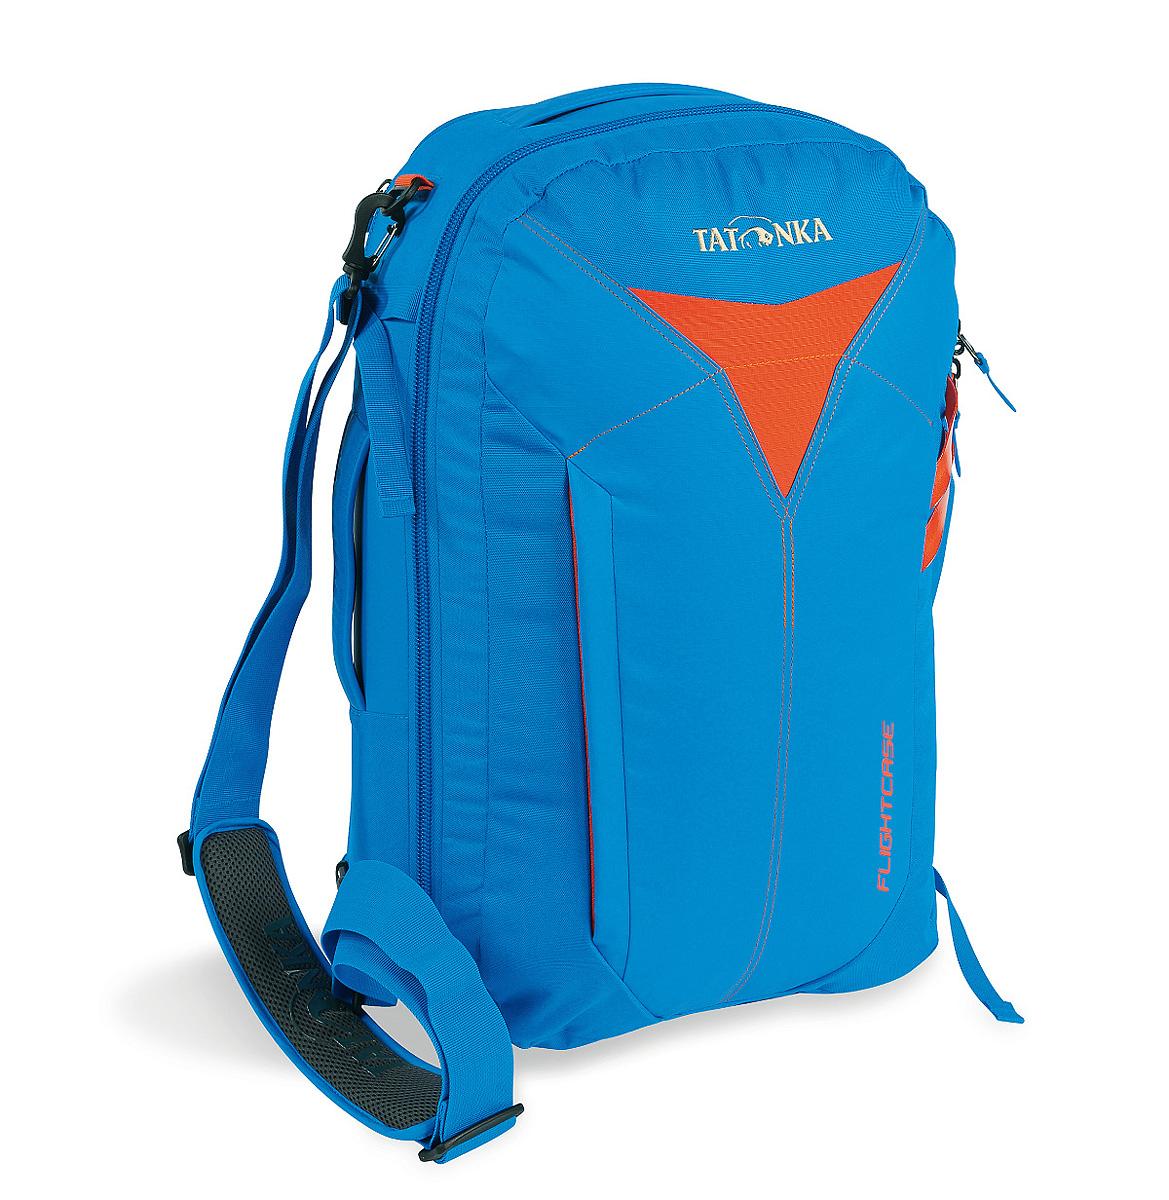 Сумка-рюкзак для путешествий Tatonka Flightcase, цвет: ярко-синий, 38 лL39845800Дорожная сумка-рюкзак Tatonka Flightcase для авиаперелетов. Соответствует требованиям ЕС к размерам ручной клади в самолетах. Переносить можно за ручку, на плече и как рюкзак.Преимущества и особенности:Соответствует требованиям ЕС к размерам ручной клади.Ручки для переноски.Съемный плечевой ремень.Убирающиеся лямки.Функциональное основное отделение.Боковые стяжки.Табличка для имени владельца.Внешний накладной карман.